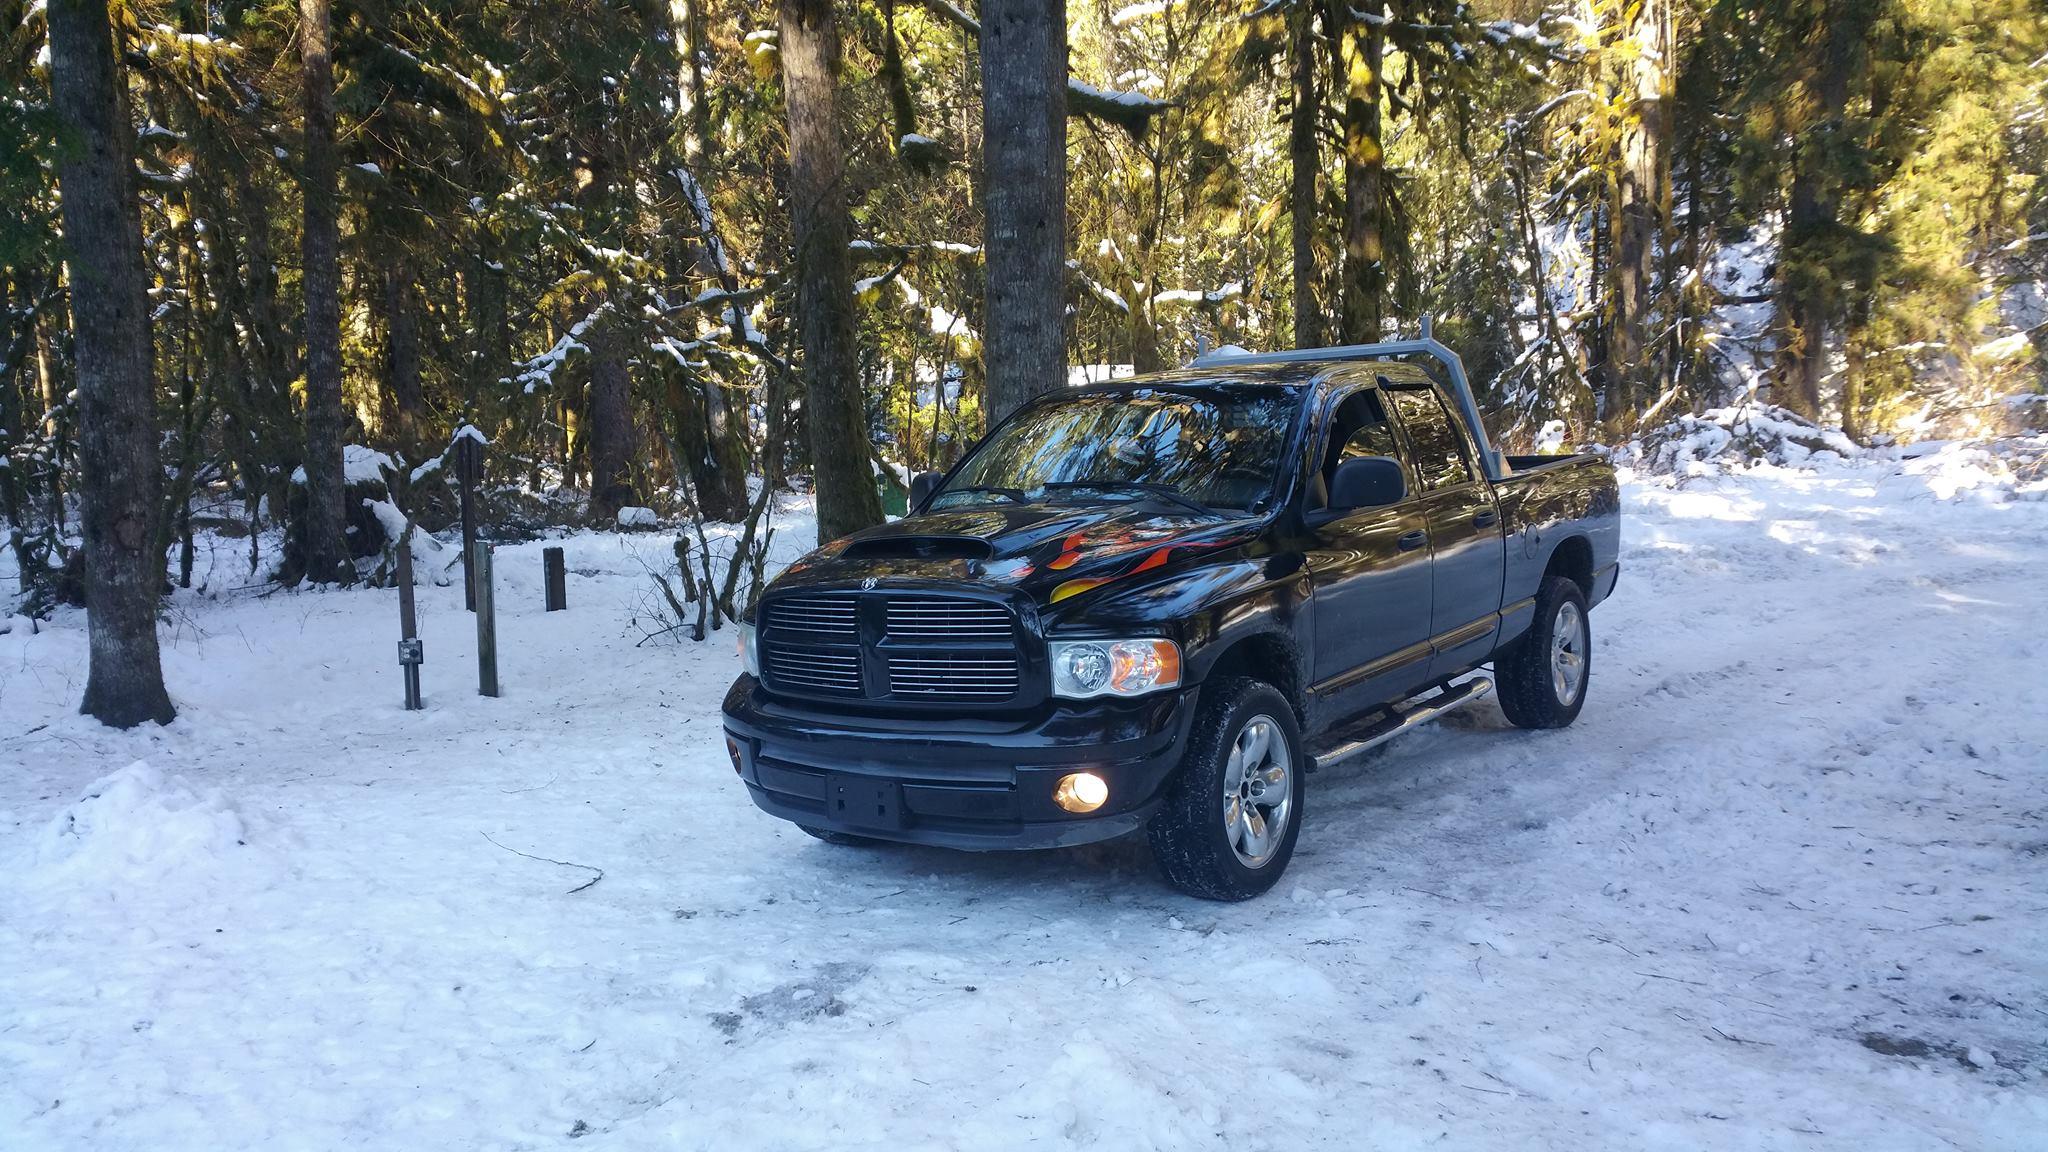 From John Guihan: 2004 Hemi sport 4x4, tuned Hemi, Laramie interior pkg.